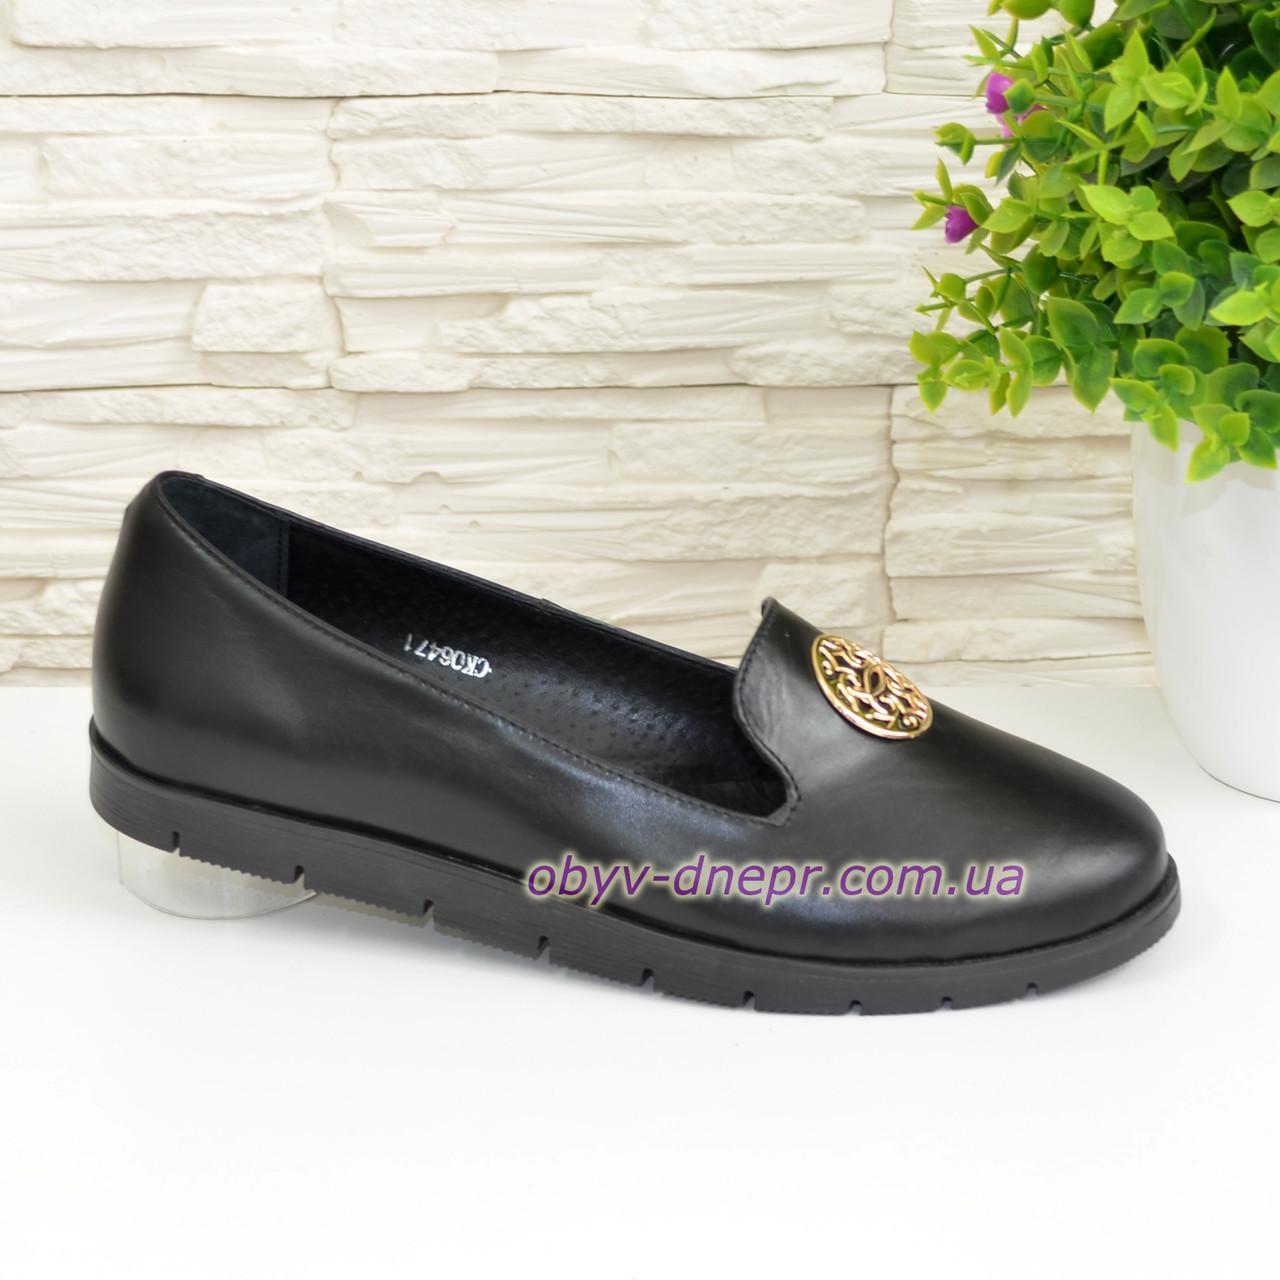 Туфли черные женские кожаные на утолщенной подошве, фото 1